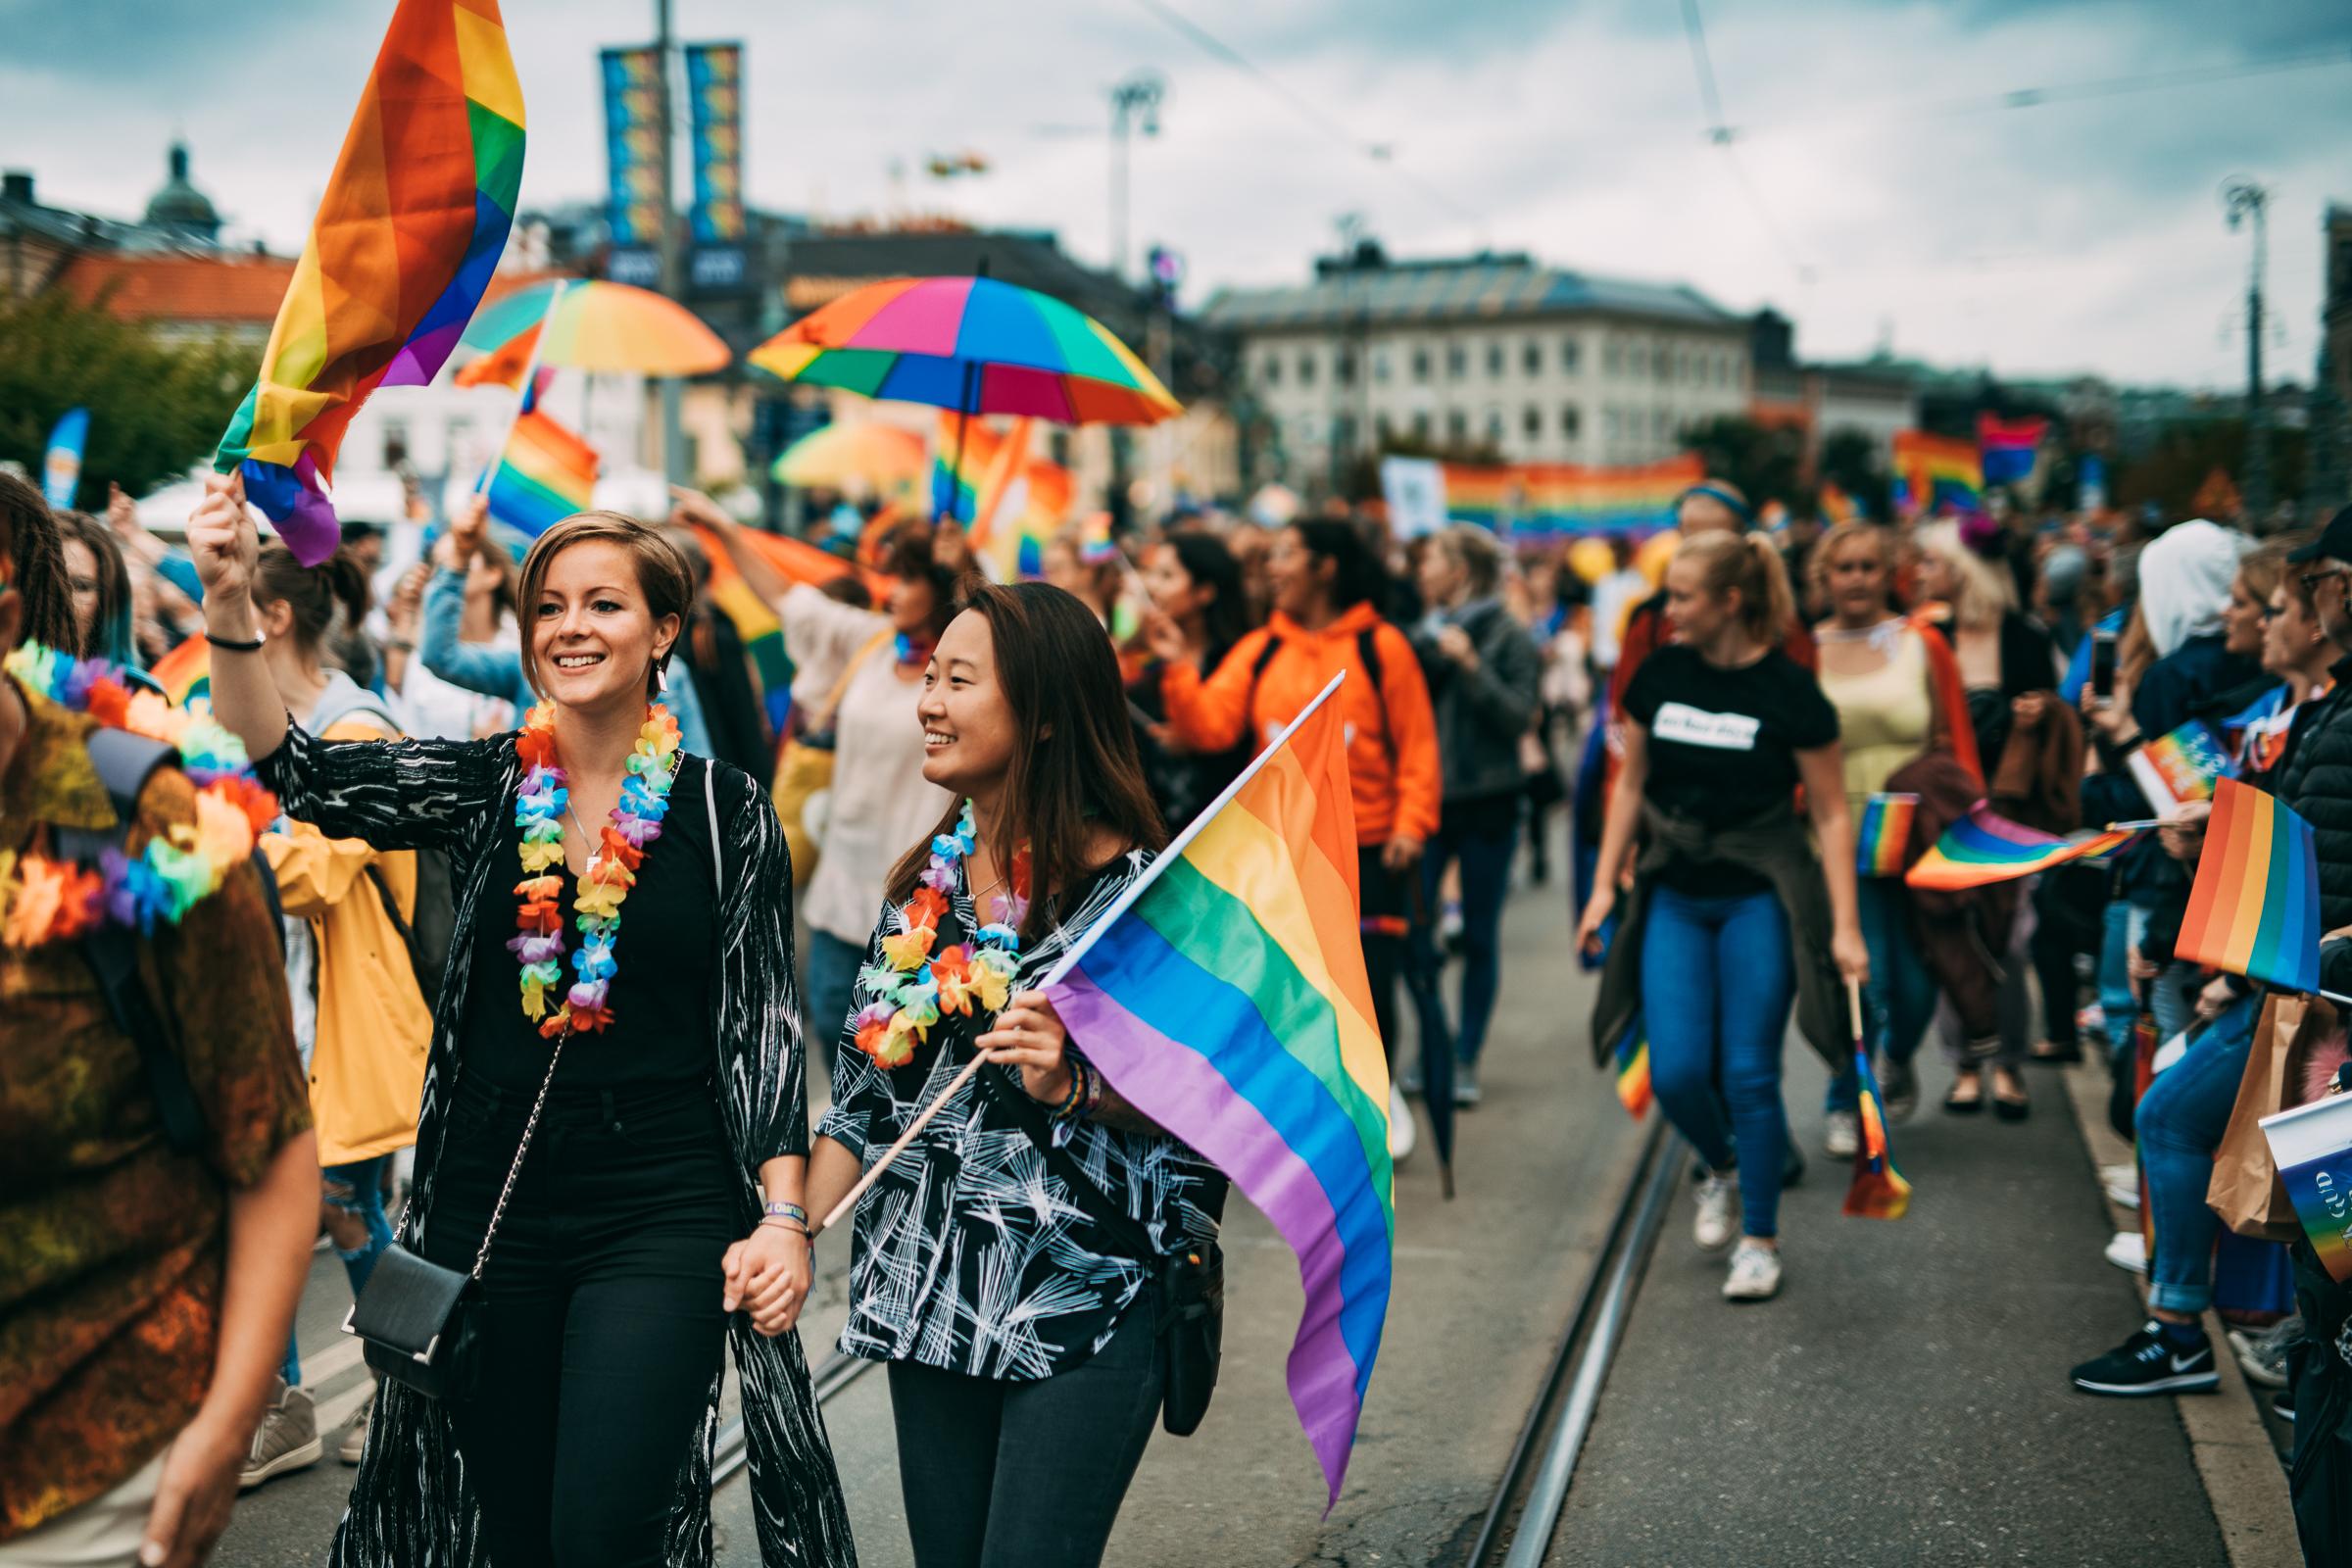 Glada personer går i prideparad